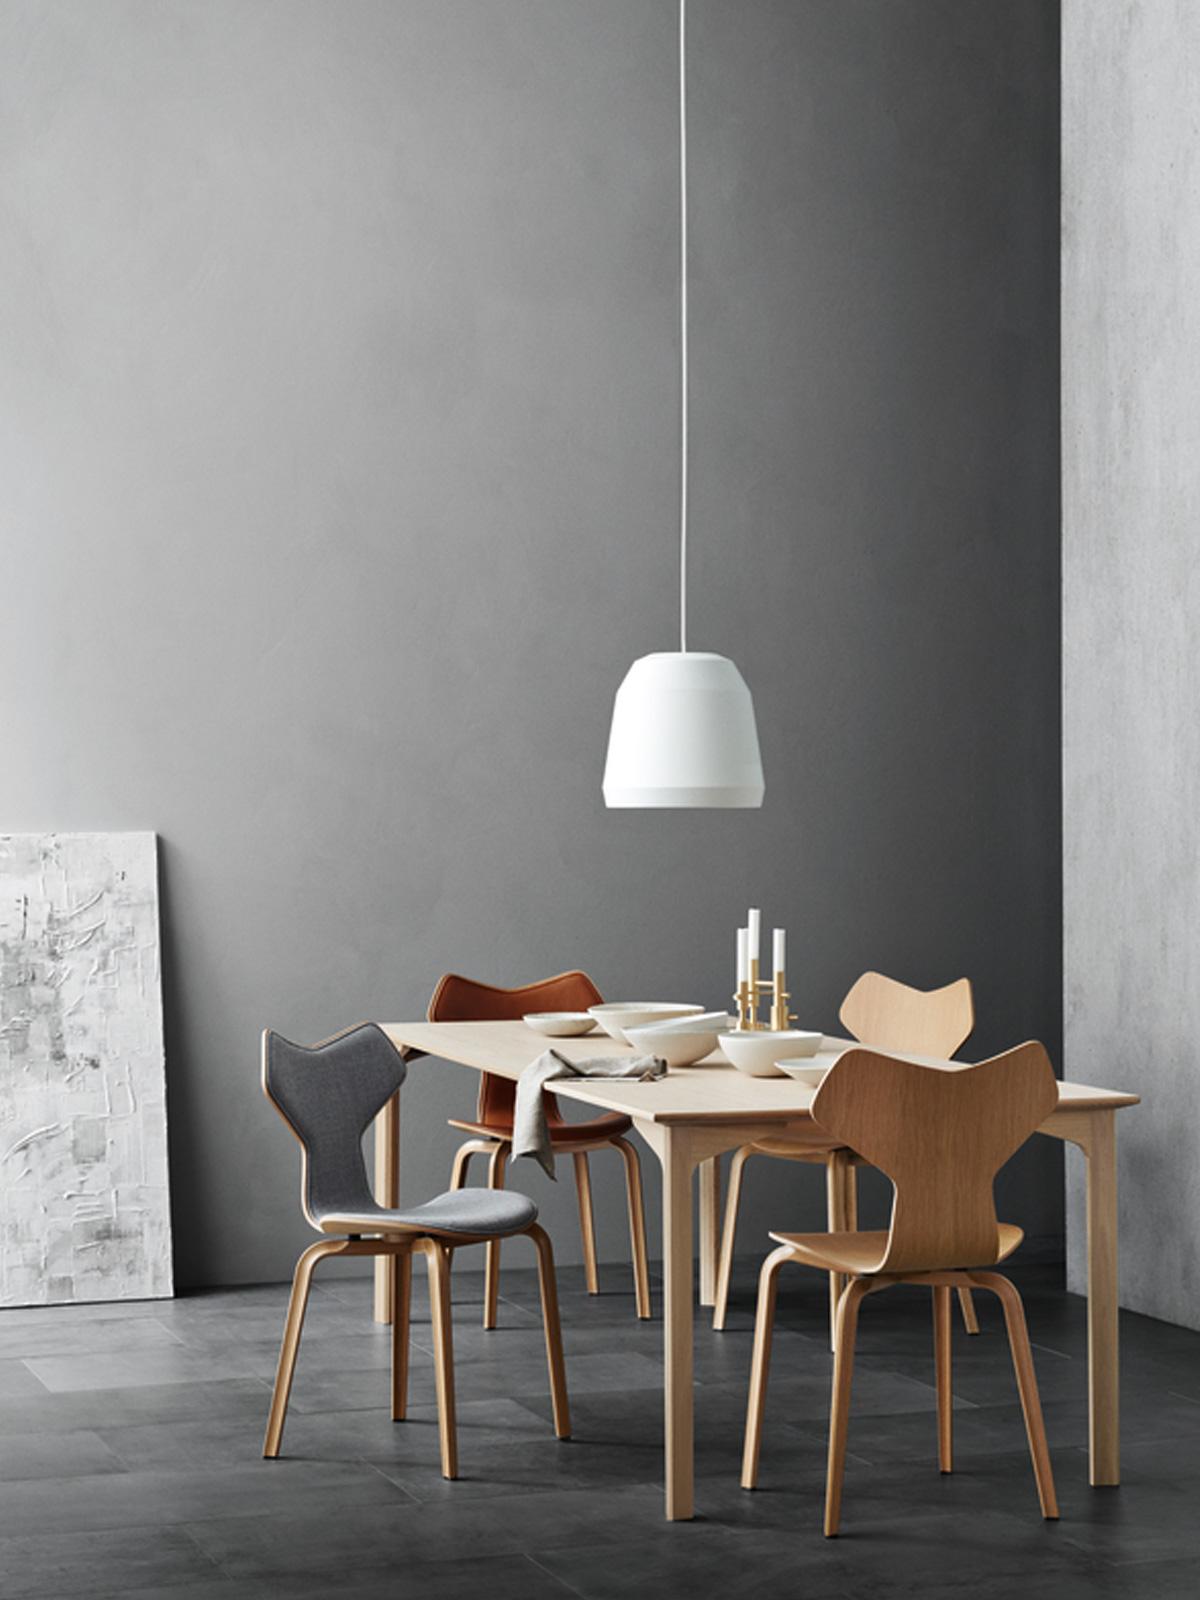 DesignOrt Blog: Die Designwelt von Lightyears Mingus Designerleuchte Deko Tisch Republic od Fritz Hansen